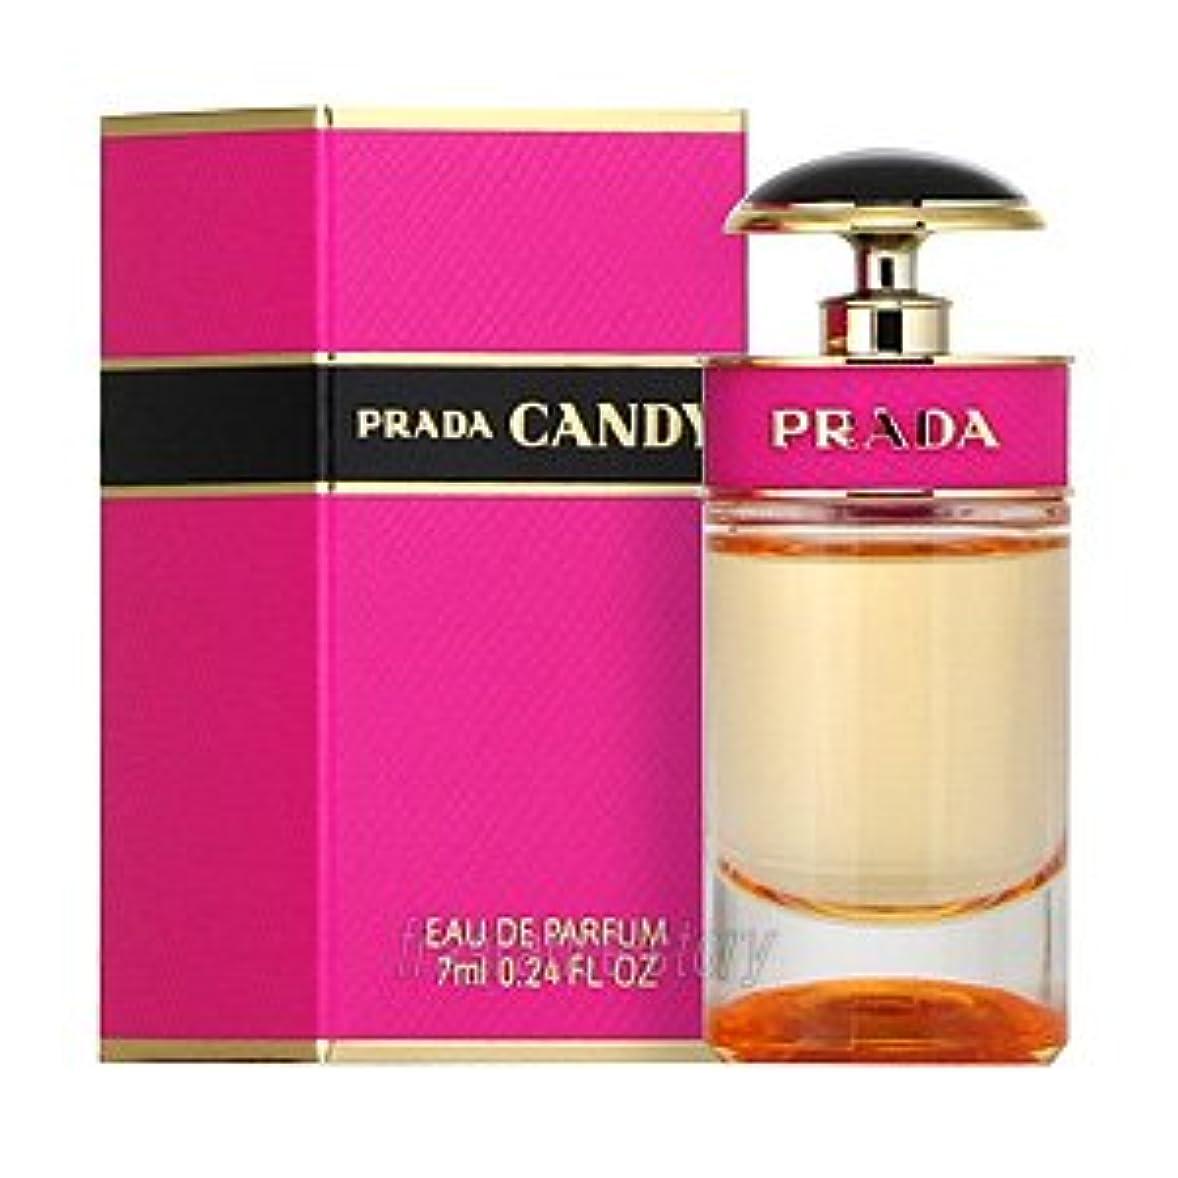 因子クリケットバルブプラダ PRADA キャンディ オードパルファム 7ml EDP ミニ香水 ミニチュア fs